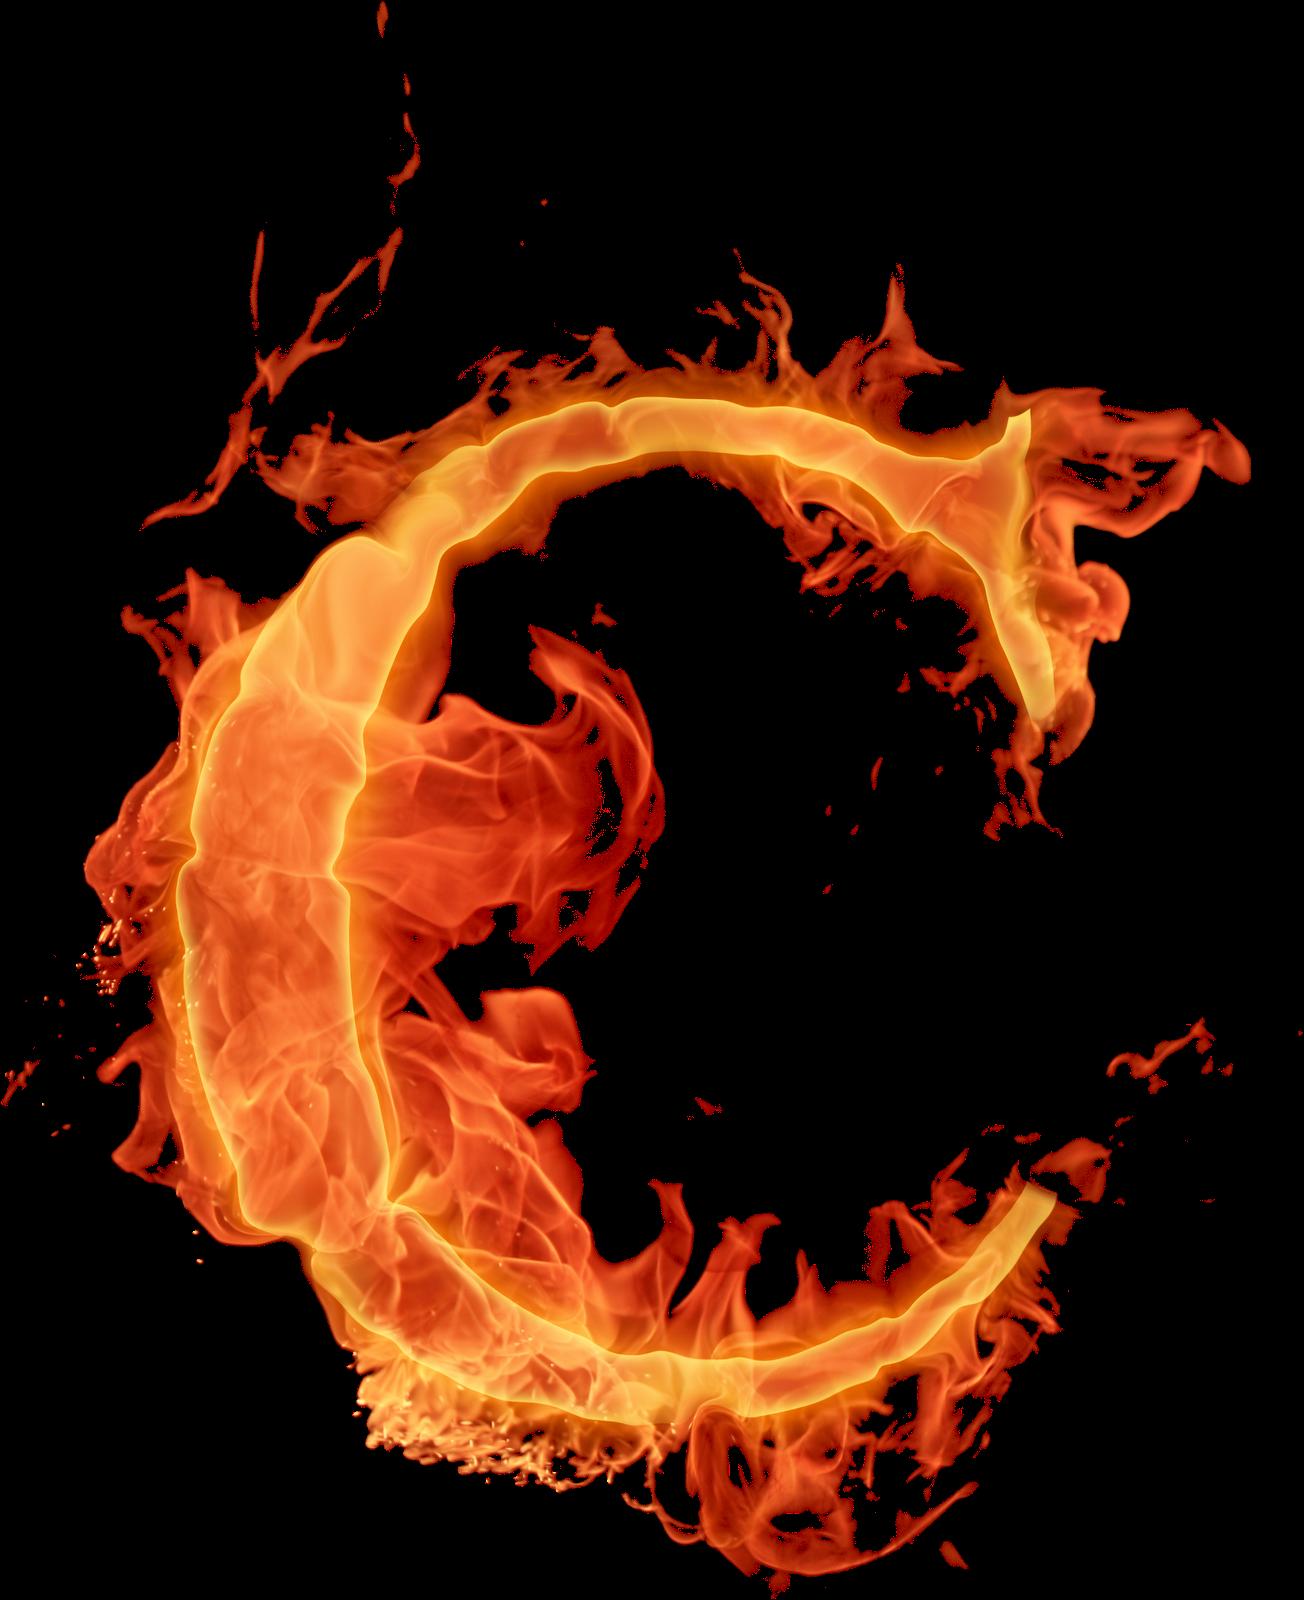 Letras em png efeito fogo.